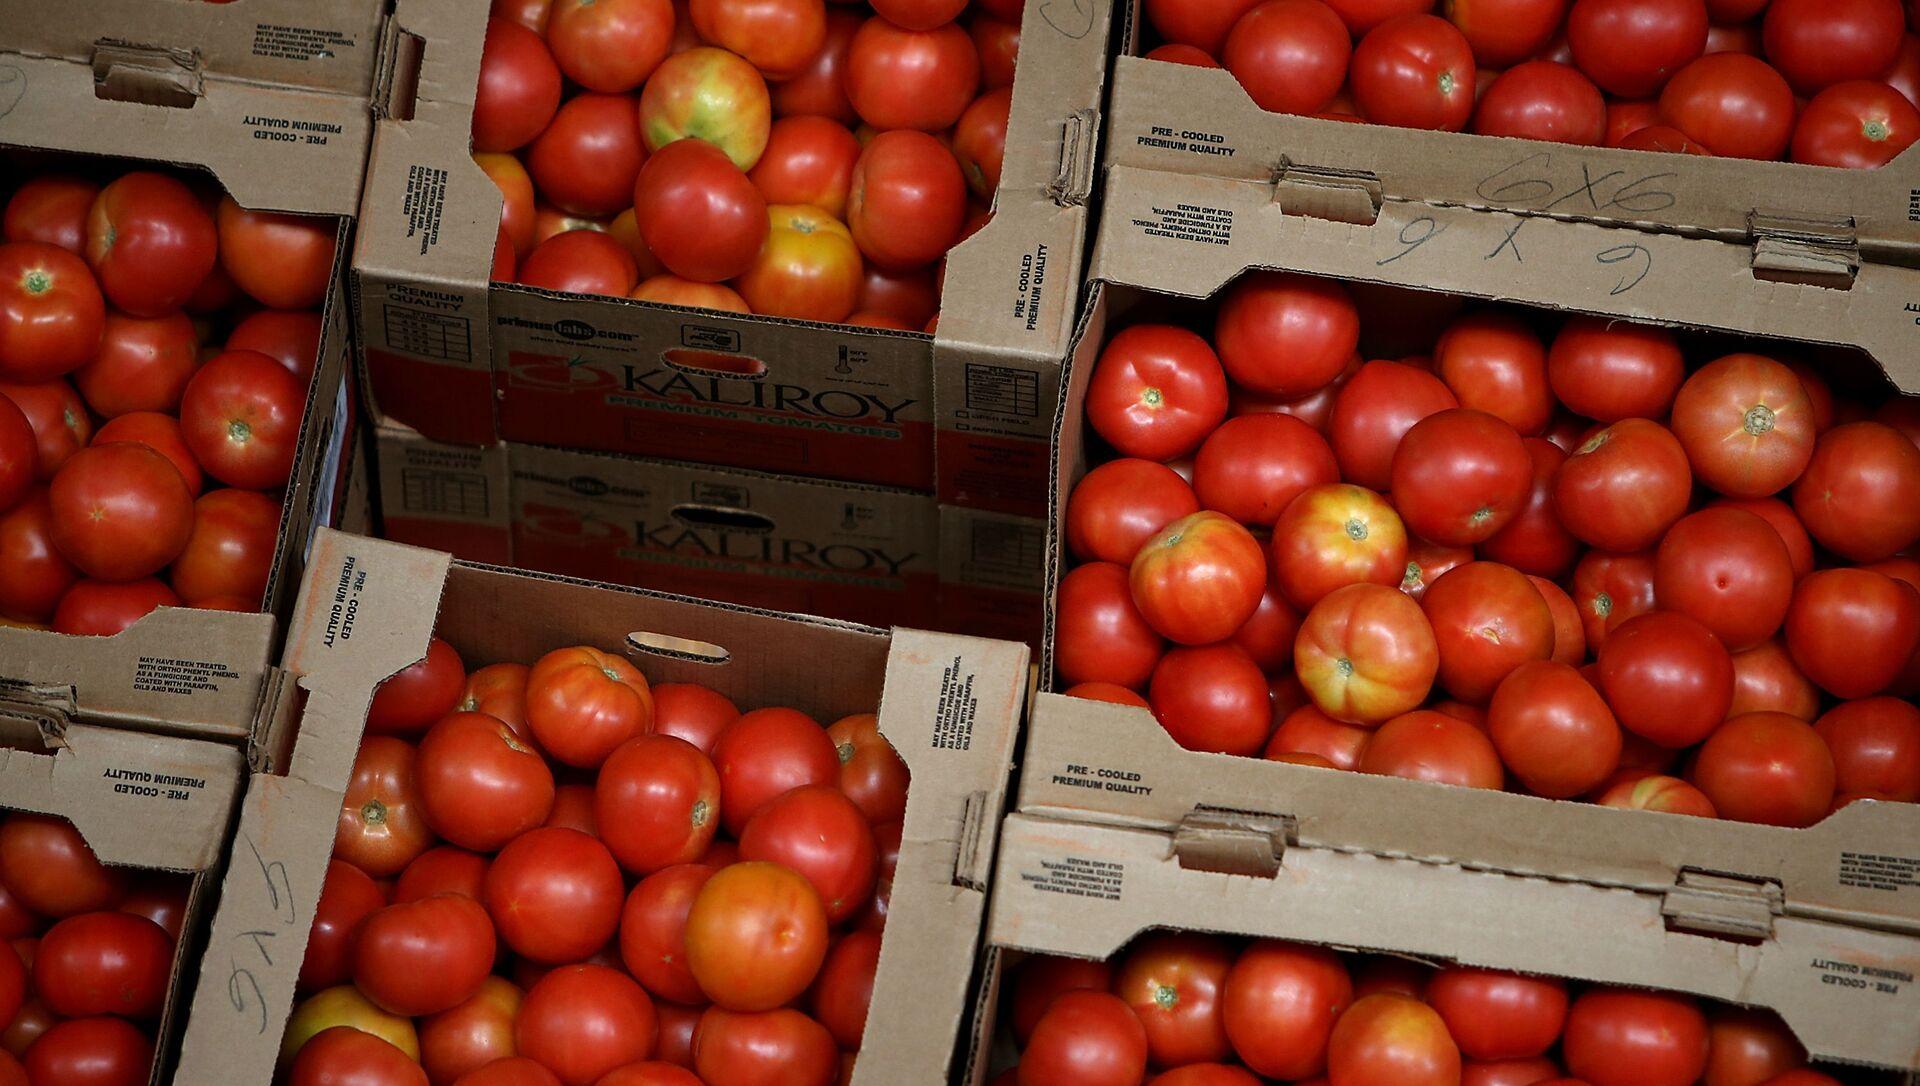 Урожай томатов, фото из архива - Sputnik Азербайджан, 1920, 28.04.2021